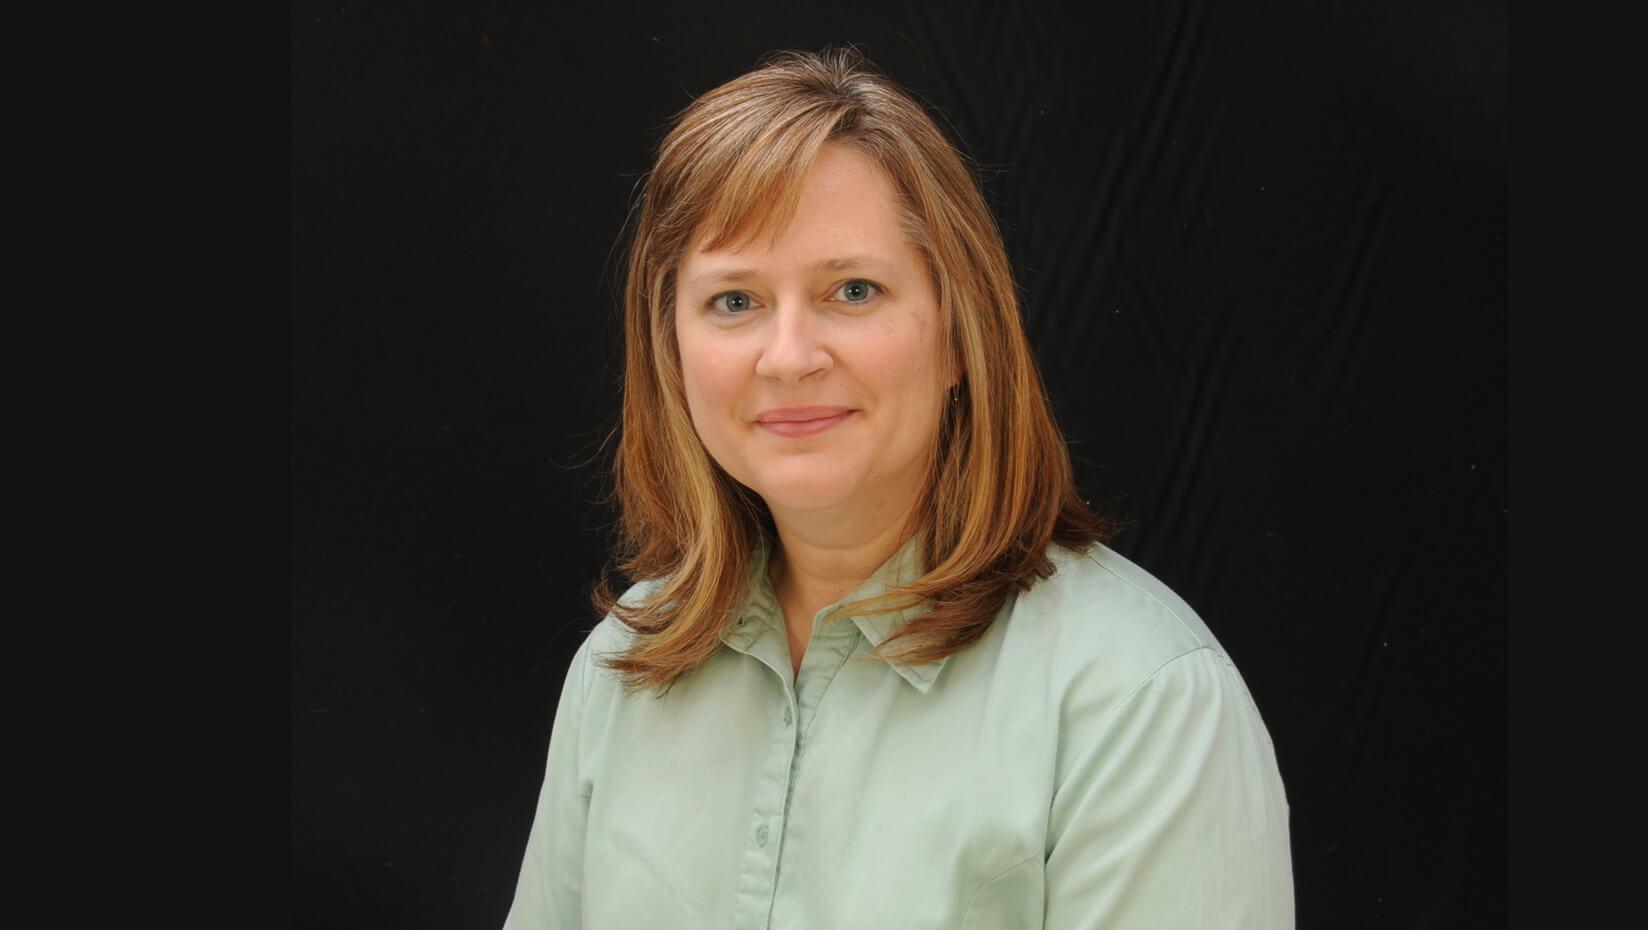 Tina Hedrick